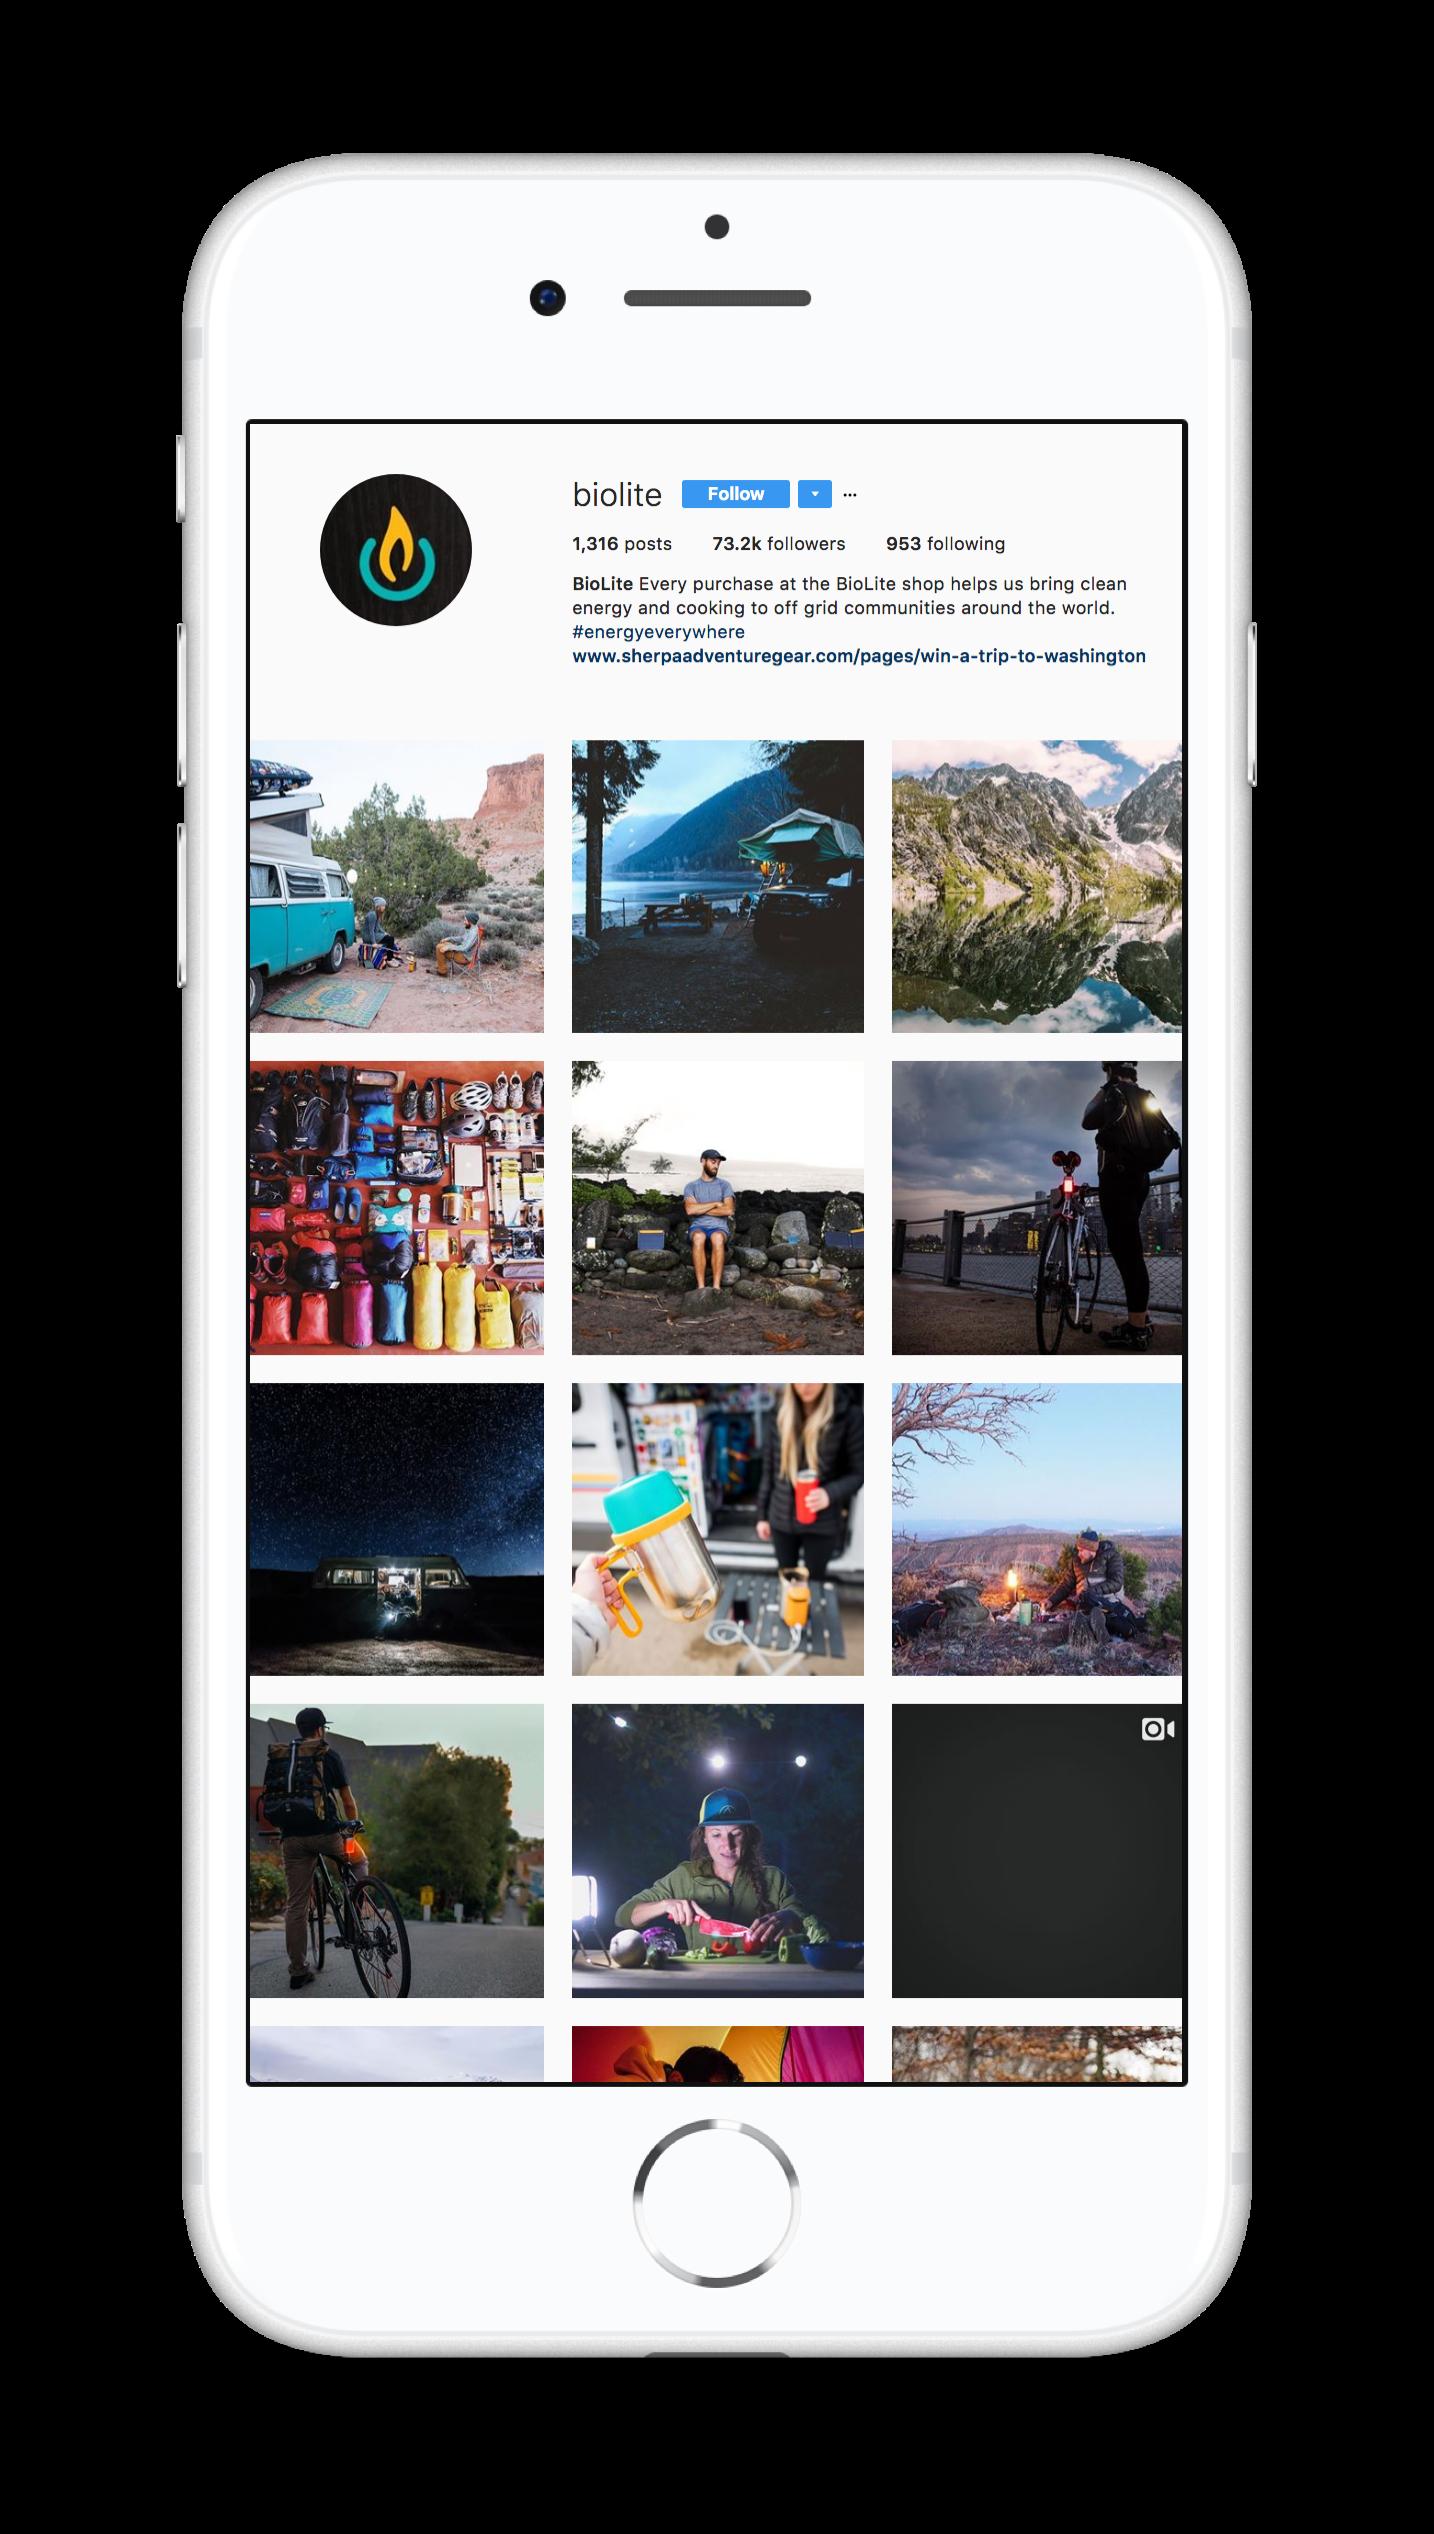 Screenshot of biolite's Instagram feed